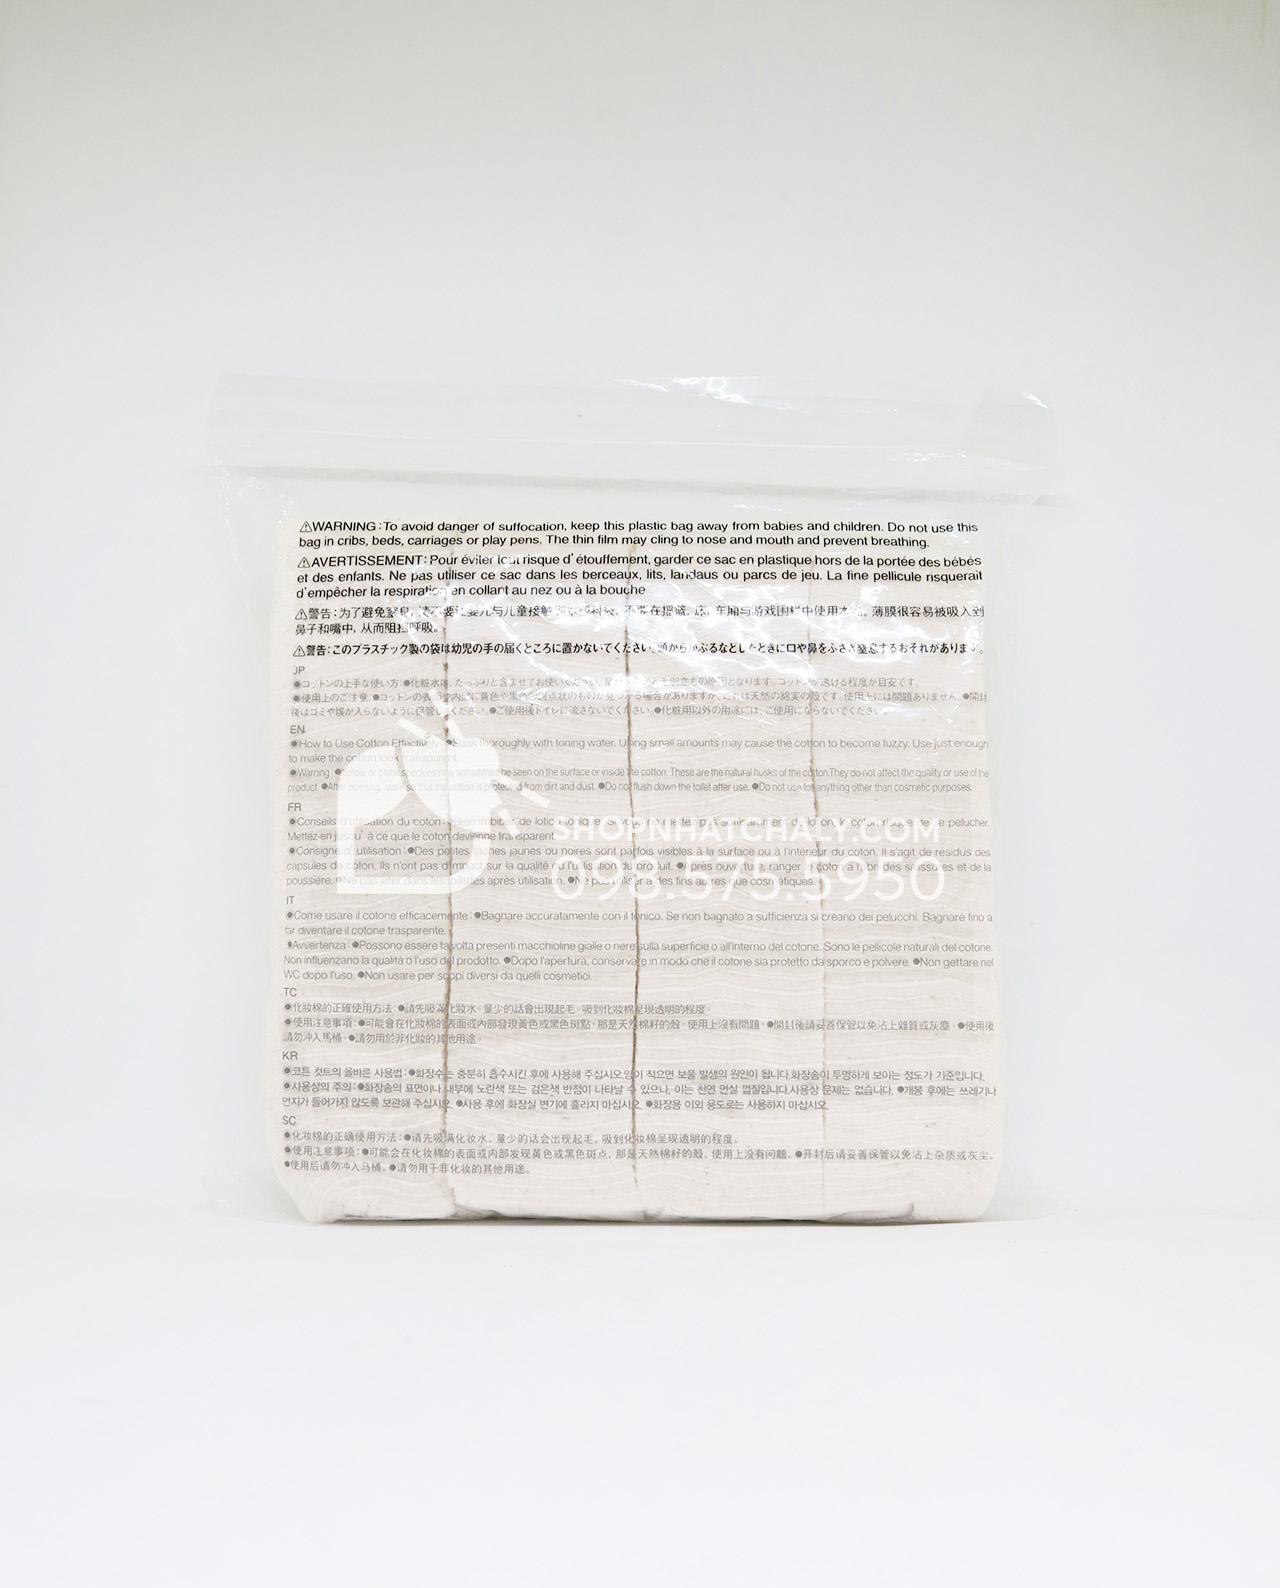 Bông tẩy trang Muji Organic Cotton Nhật Bản - thông tin sản phẩm